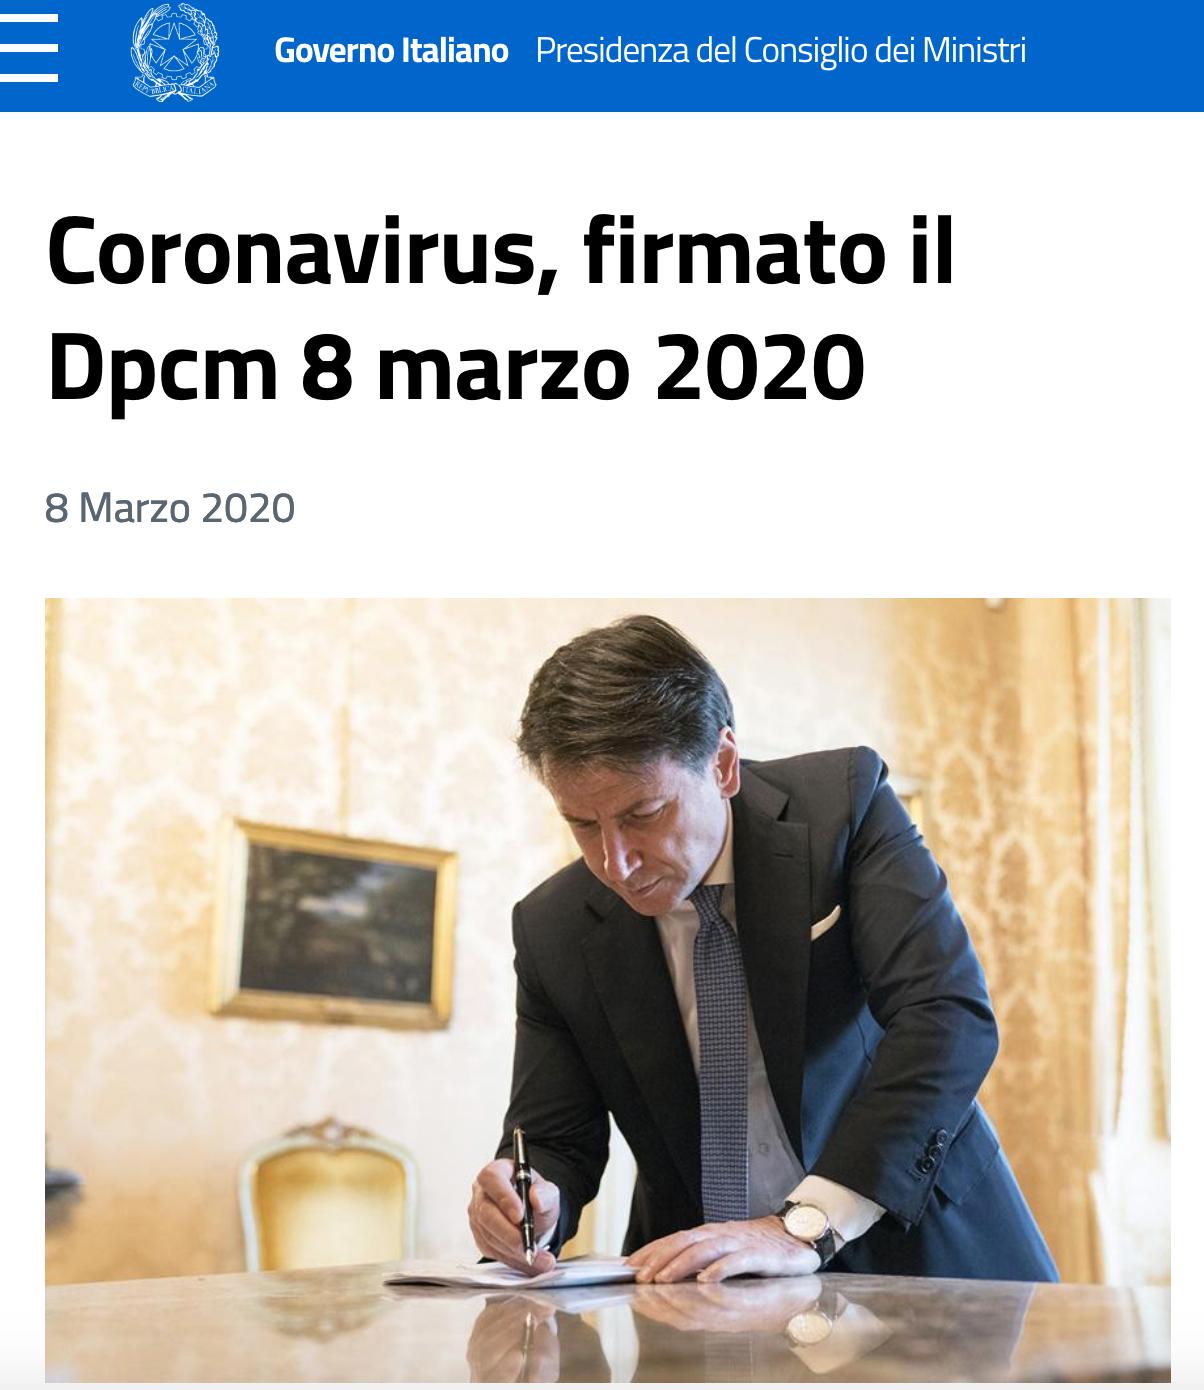 conte firma dcpm coronavirus Schermata 2020-03-08 alle 09.16.32